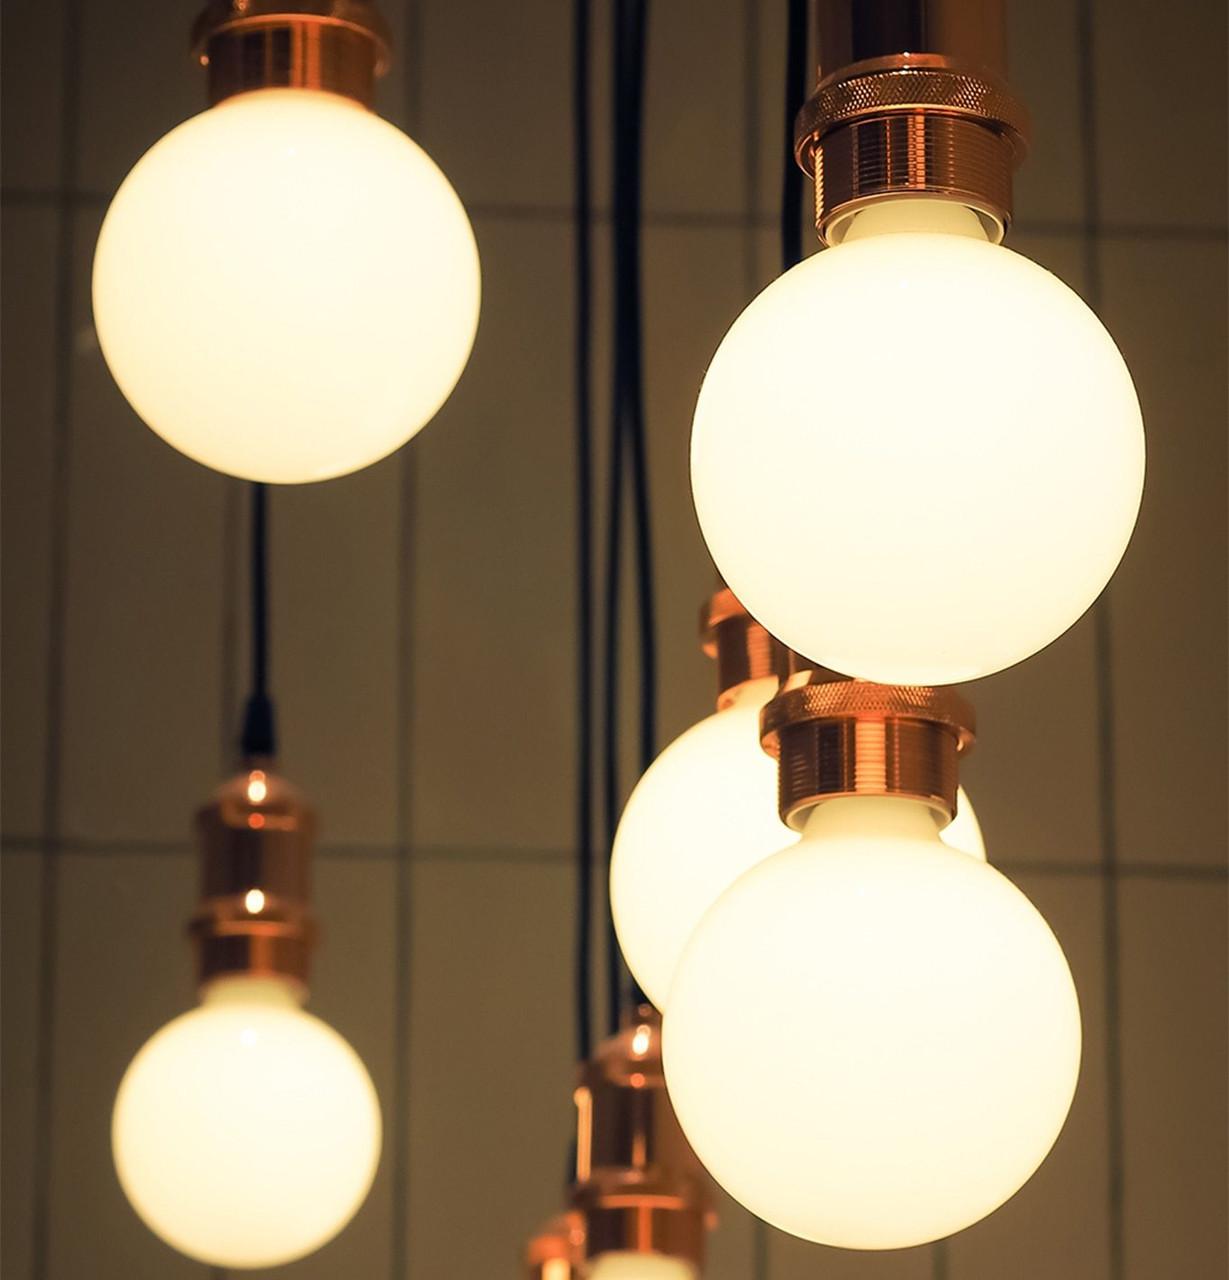 LED Dimmable Globe White Light Bulbs